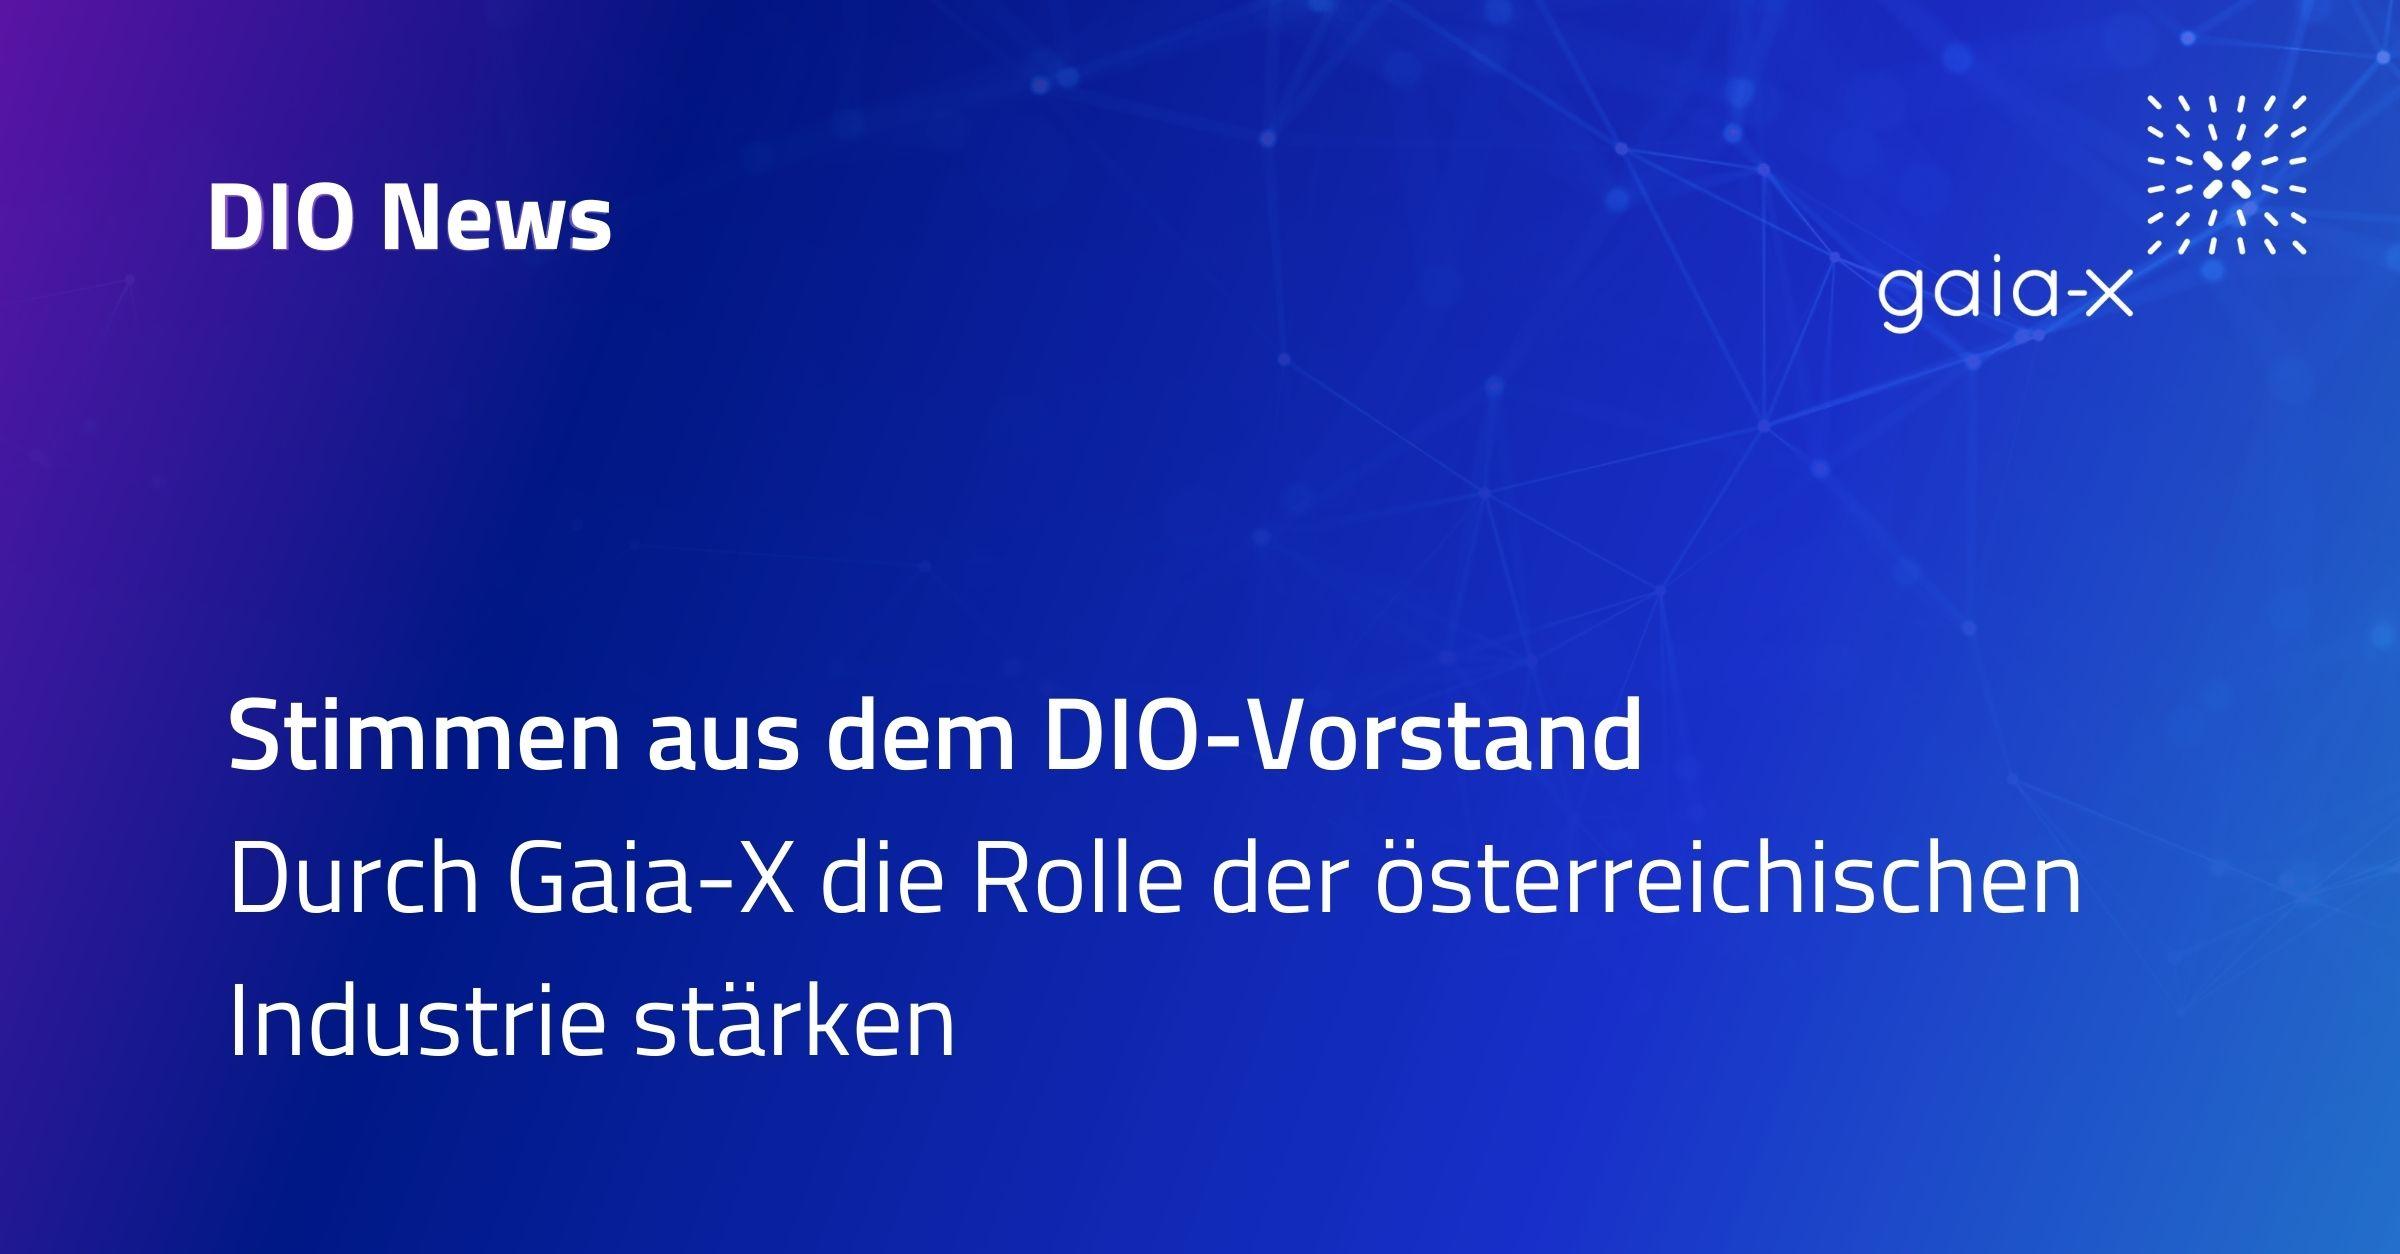 Stimmen aus dem DIO-Vorstand Durch Gaia-X die Rolle der österreichischen Industrie stärken